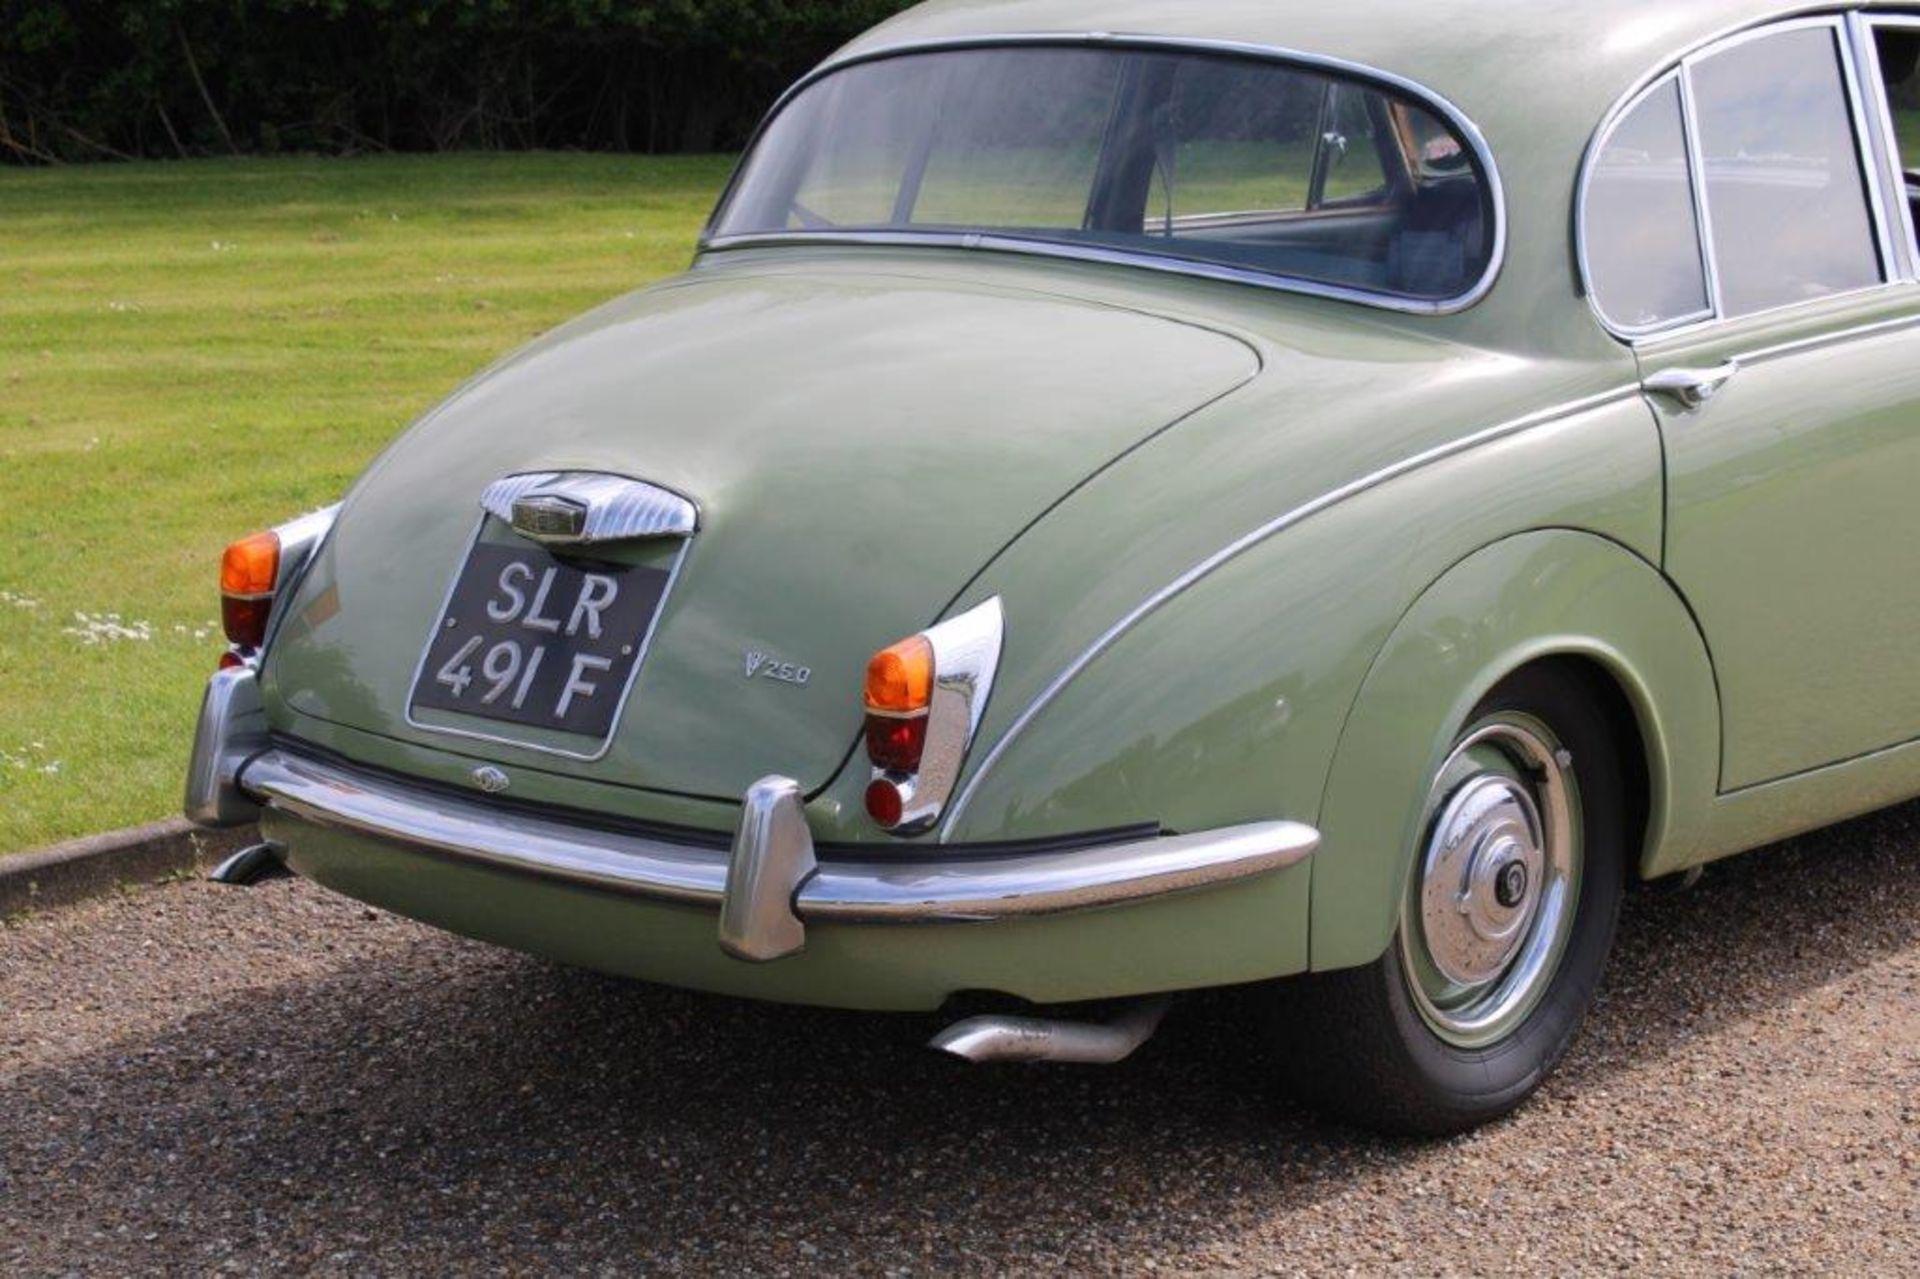 1968 Daimler V8 250 Auto - Image 9 of 30